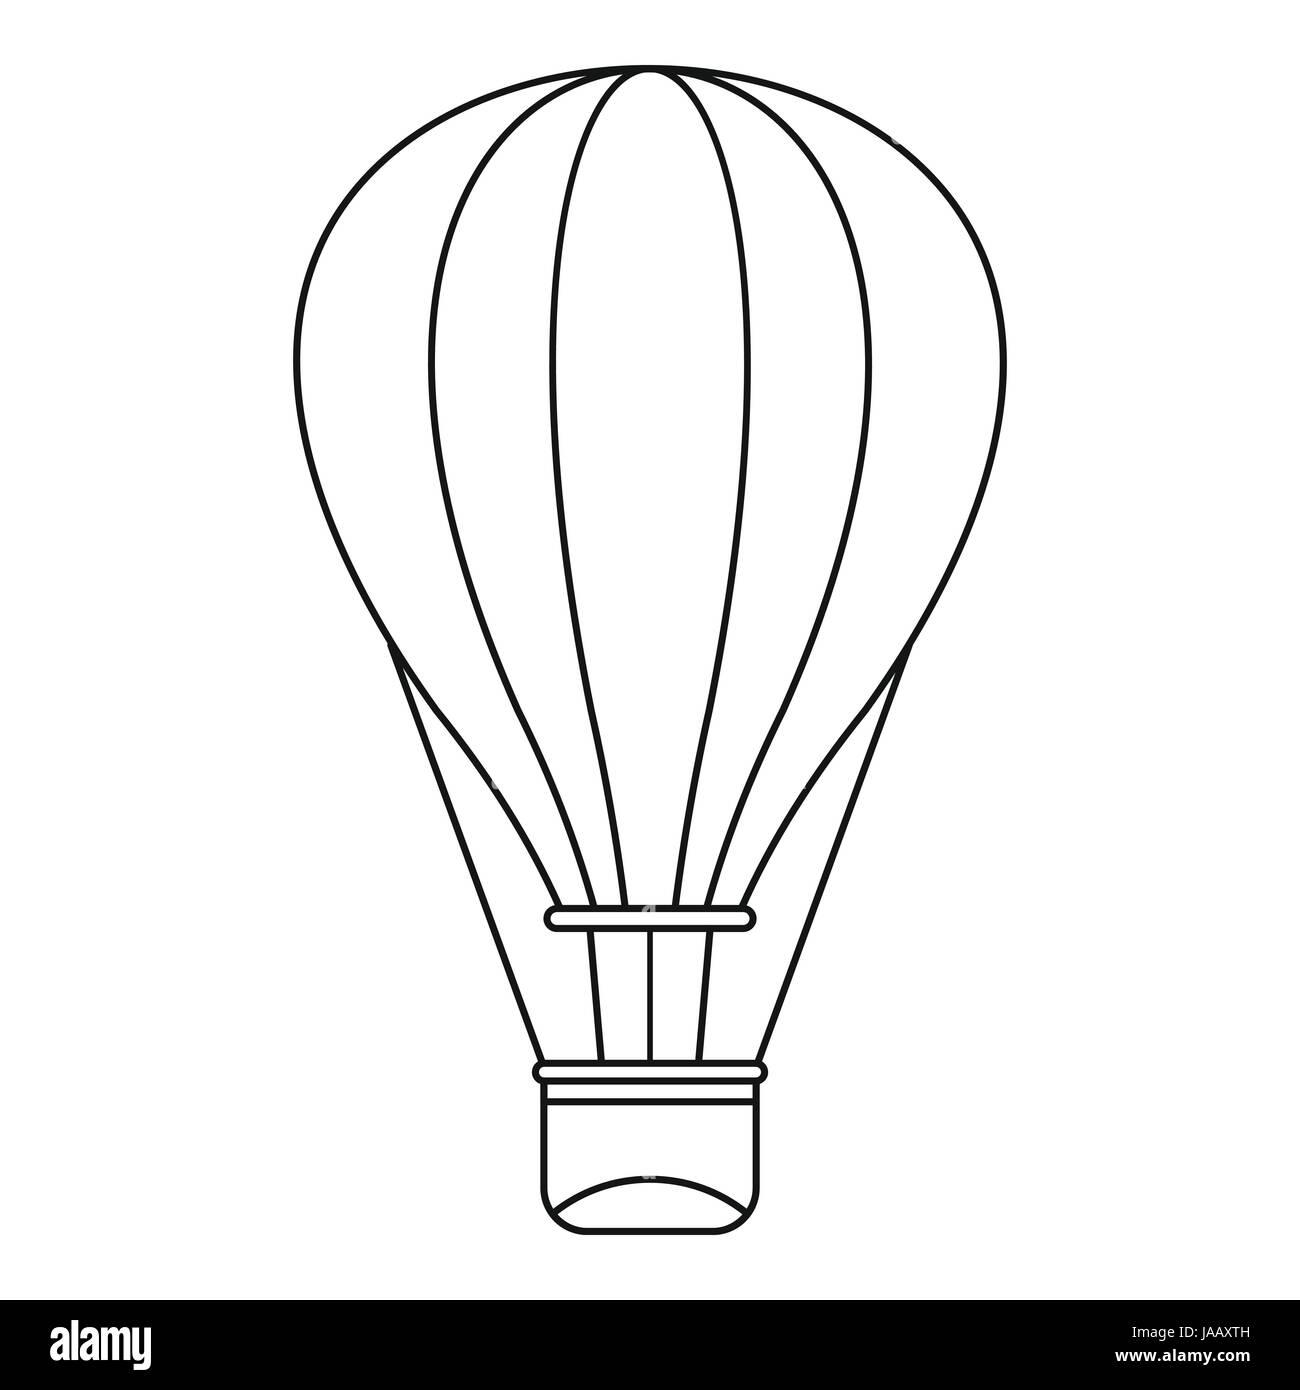 Tolle Heißluftballon Vorlage Zeitgenössisch - Beispiel Business ...